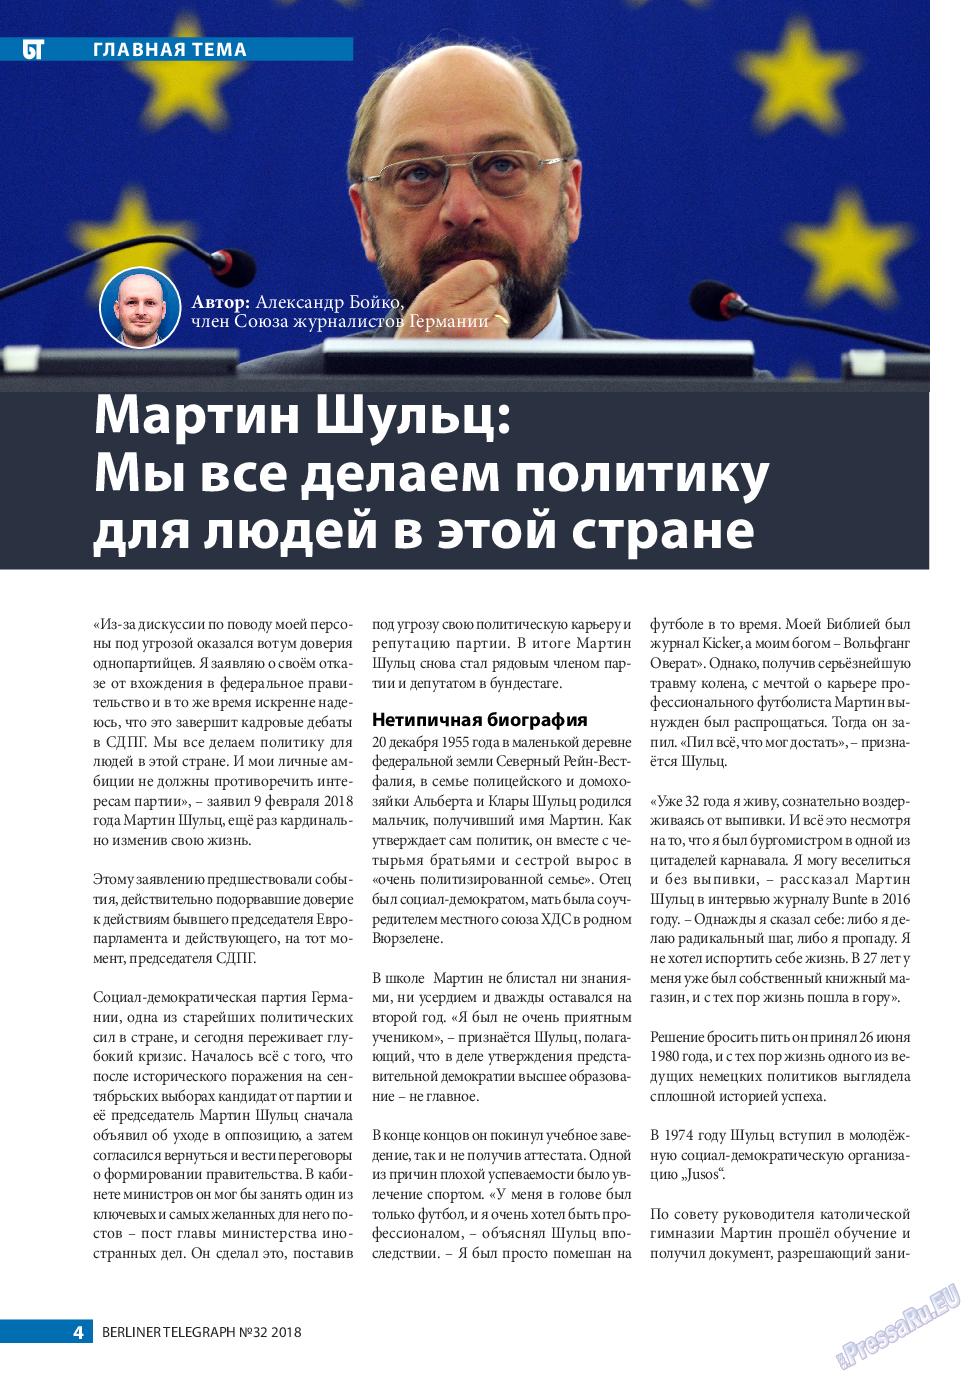 Берлинский телеграф (журнал). 2018 год, номер 32, стр. 4